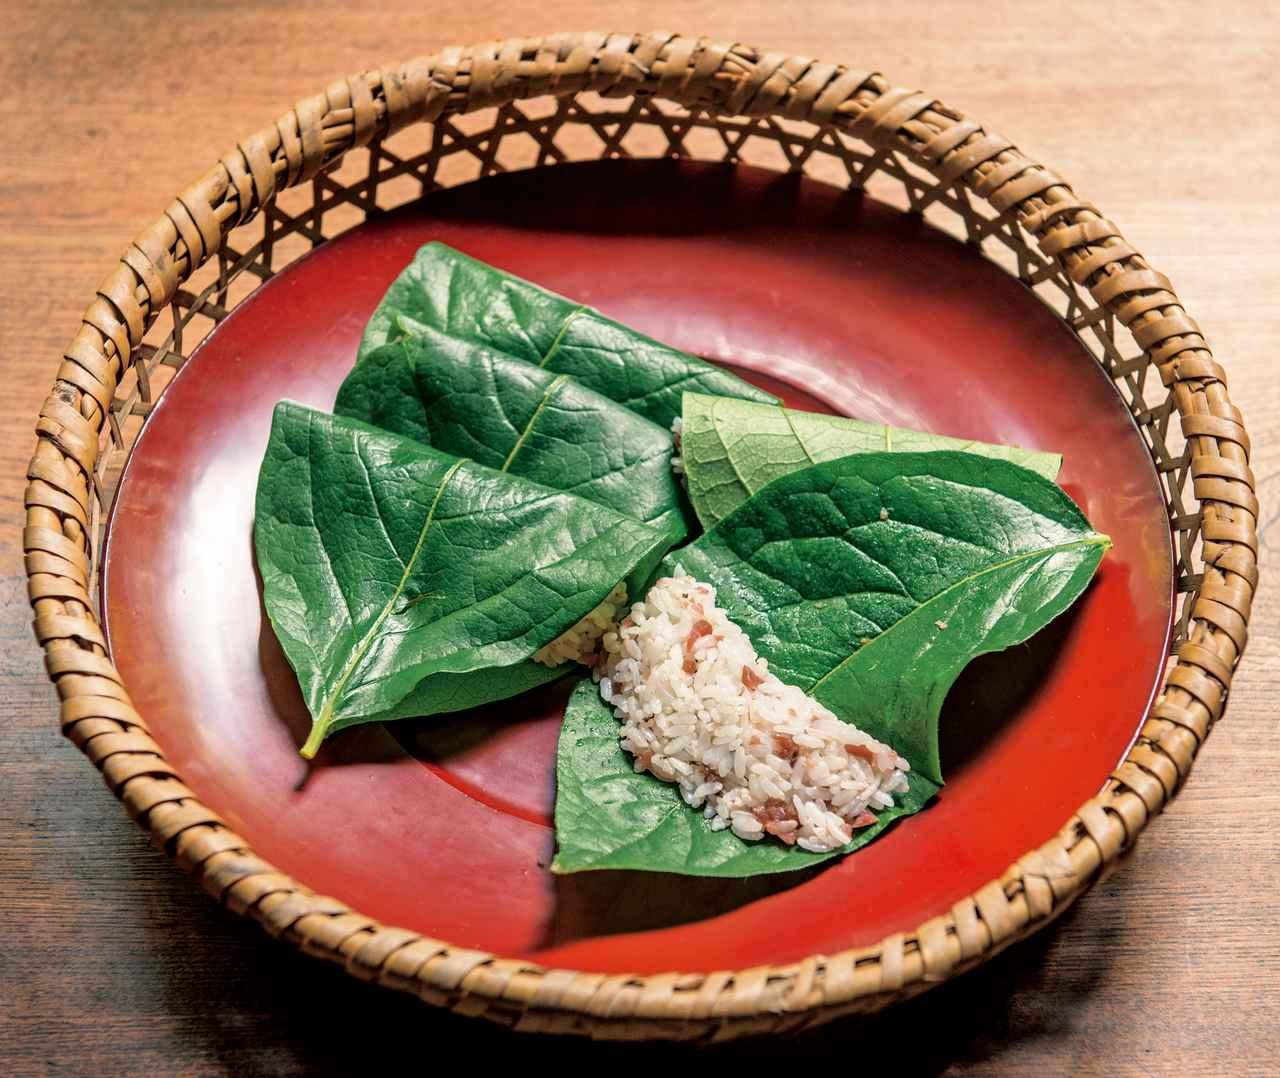 画像: 柿の葉に包んだ梅ごはんは、「この土地の定番混ぜごはん」。柿の葉の殺菌作用で、次の日もおいしいまま